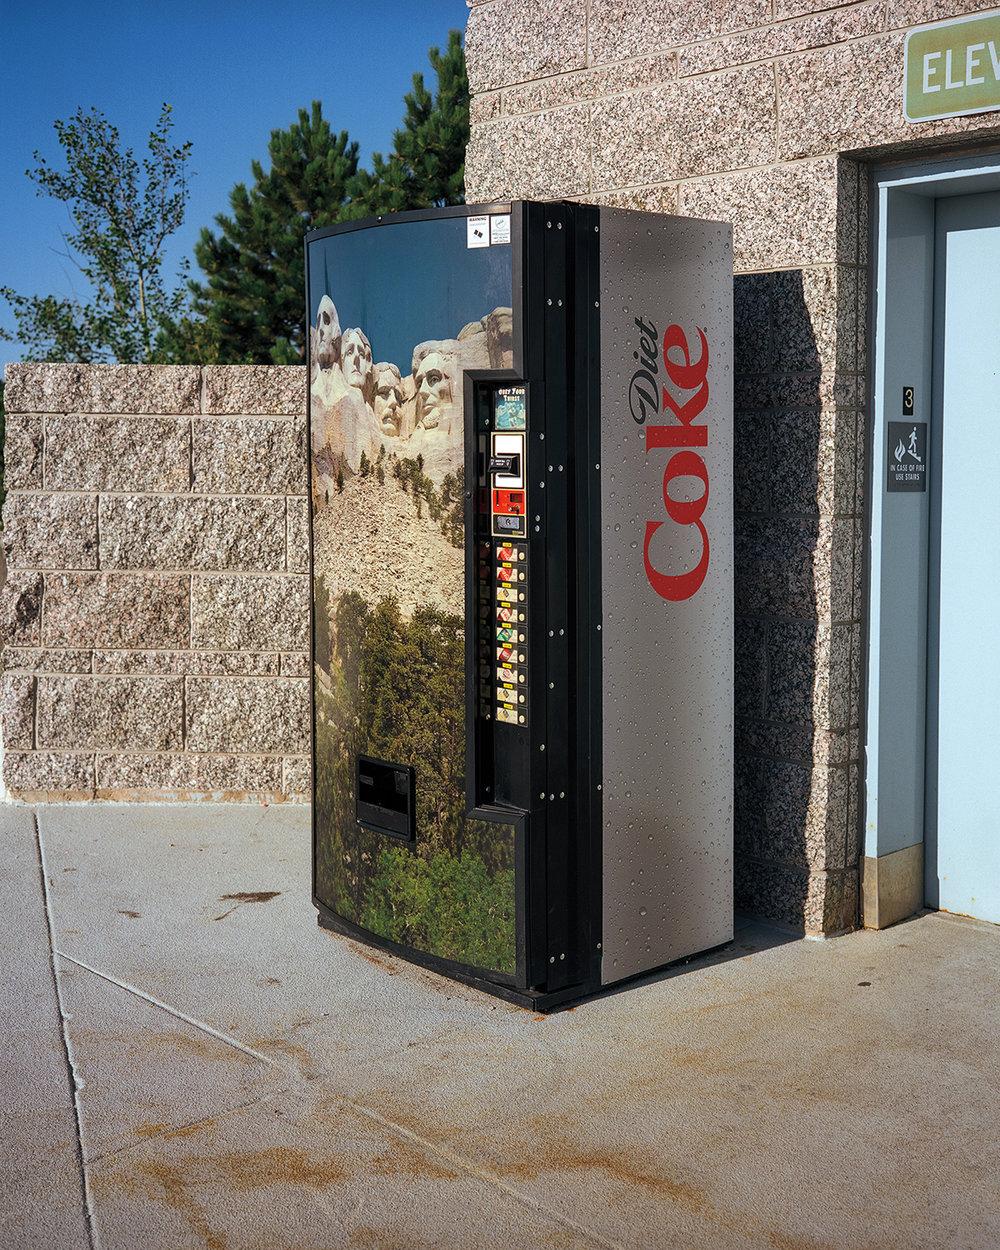 Diet Coke, Archival Inkjet Print, 16x20  Framed and Ready